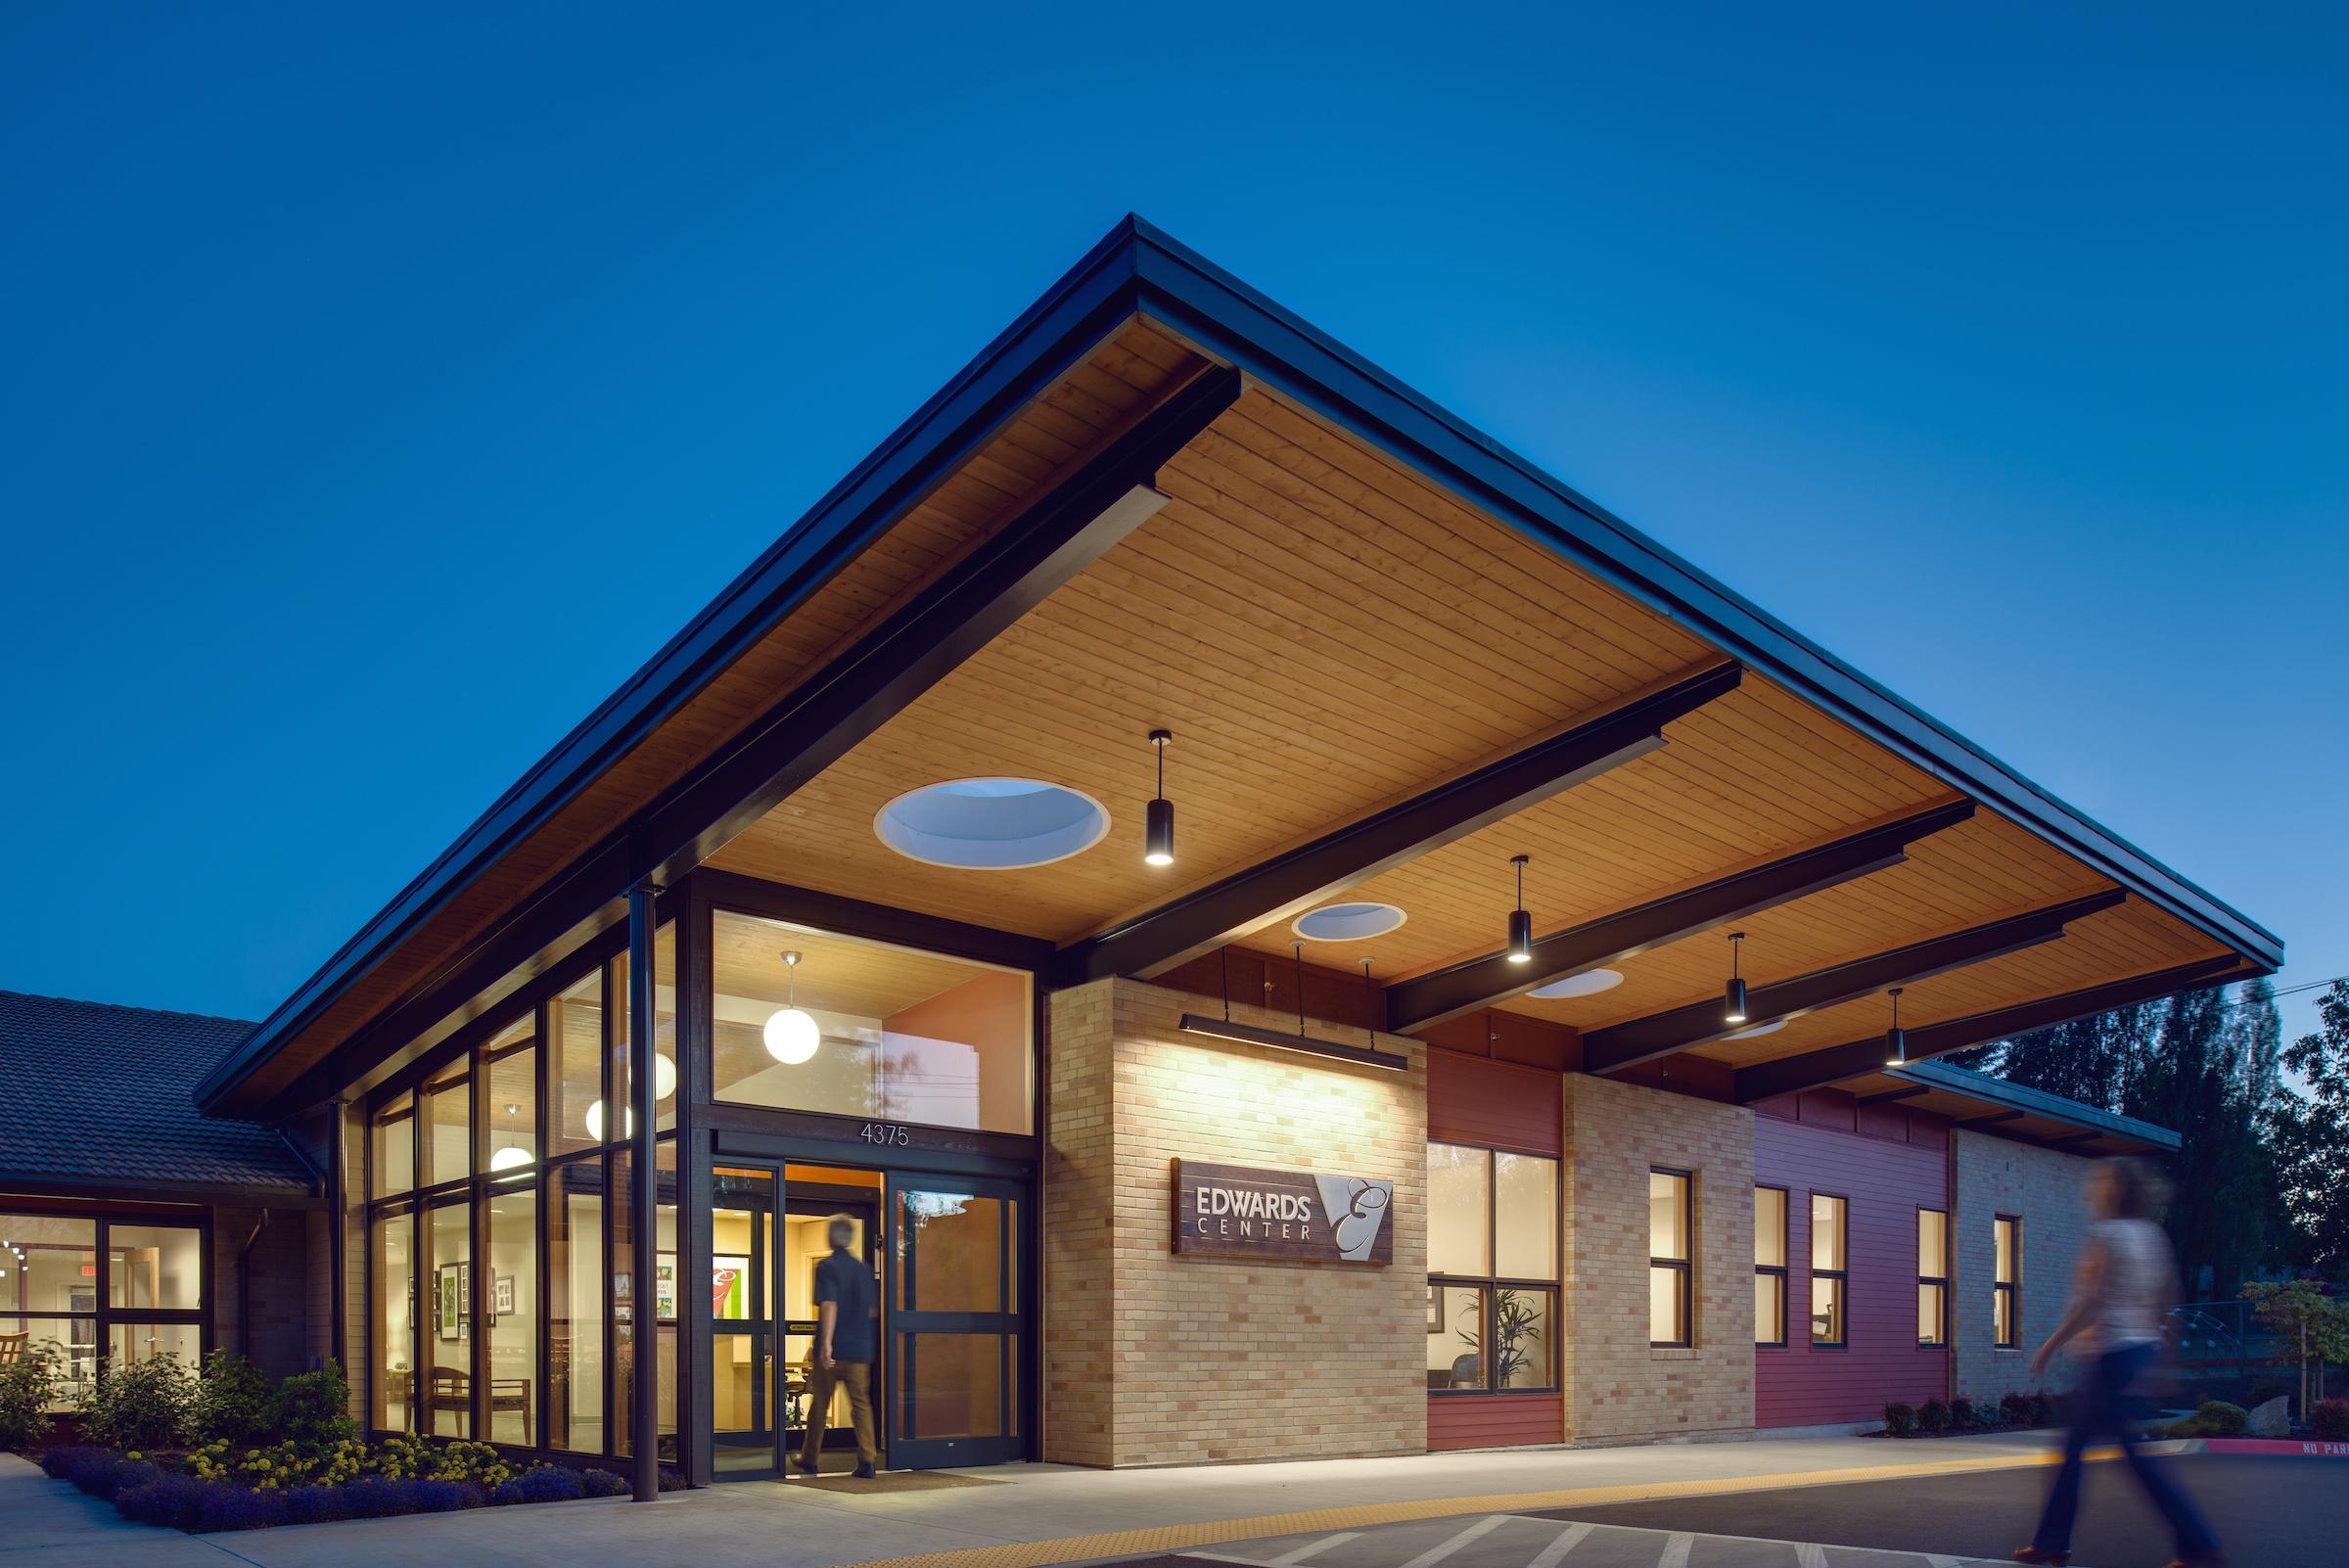 Edwards Community Center